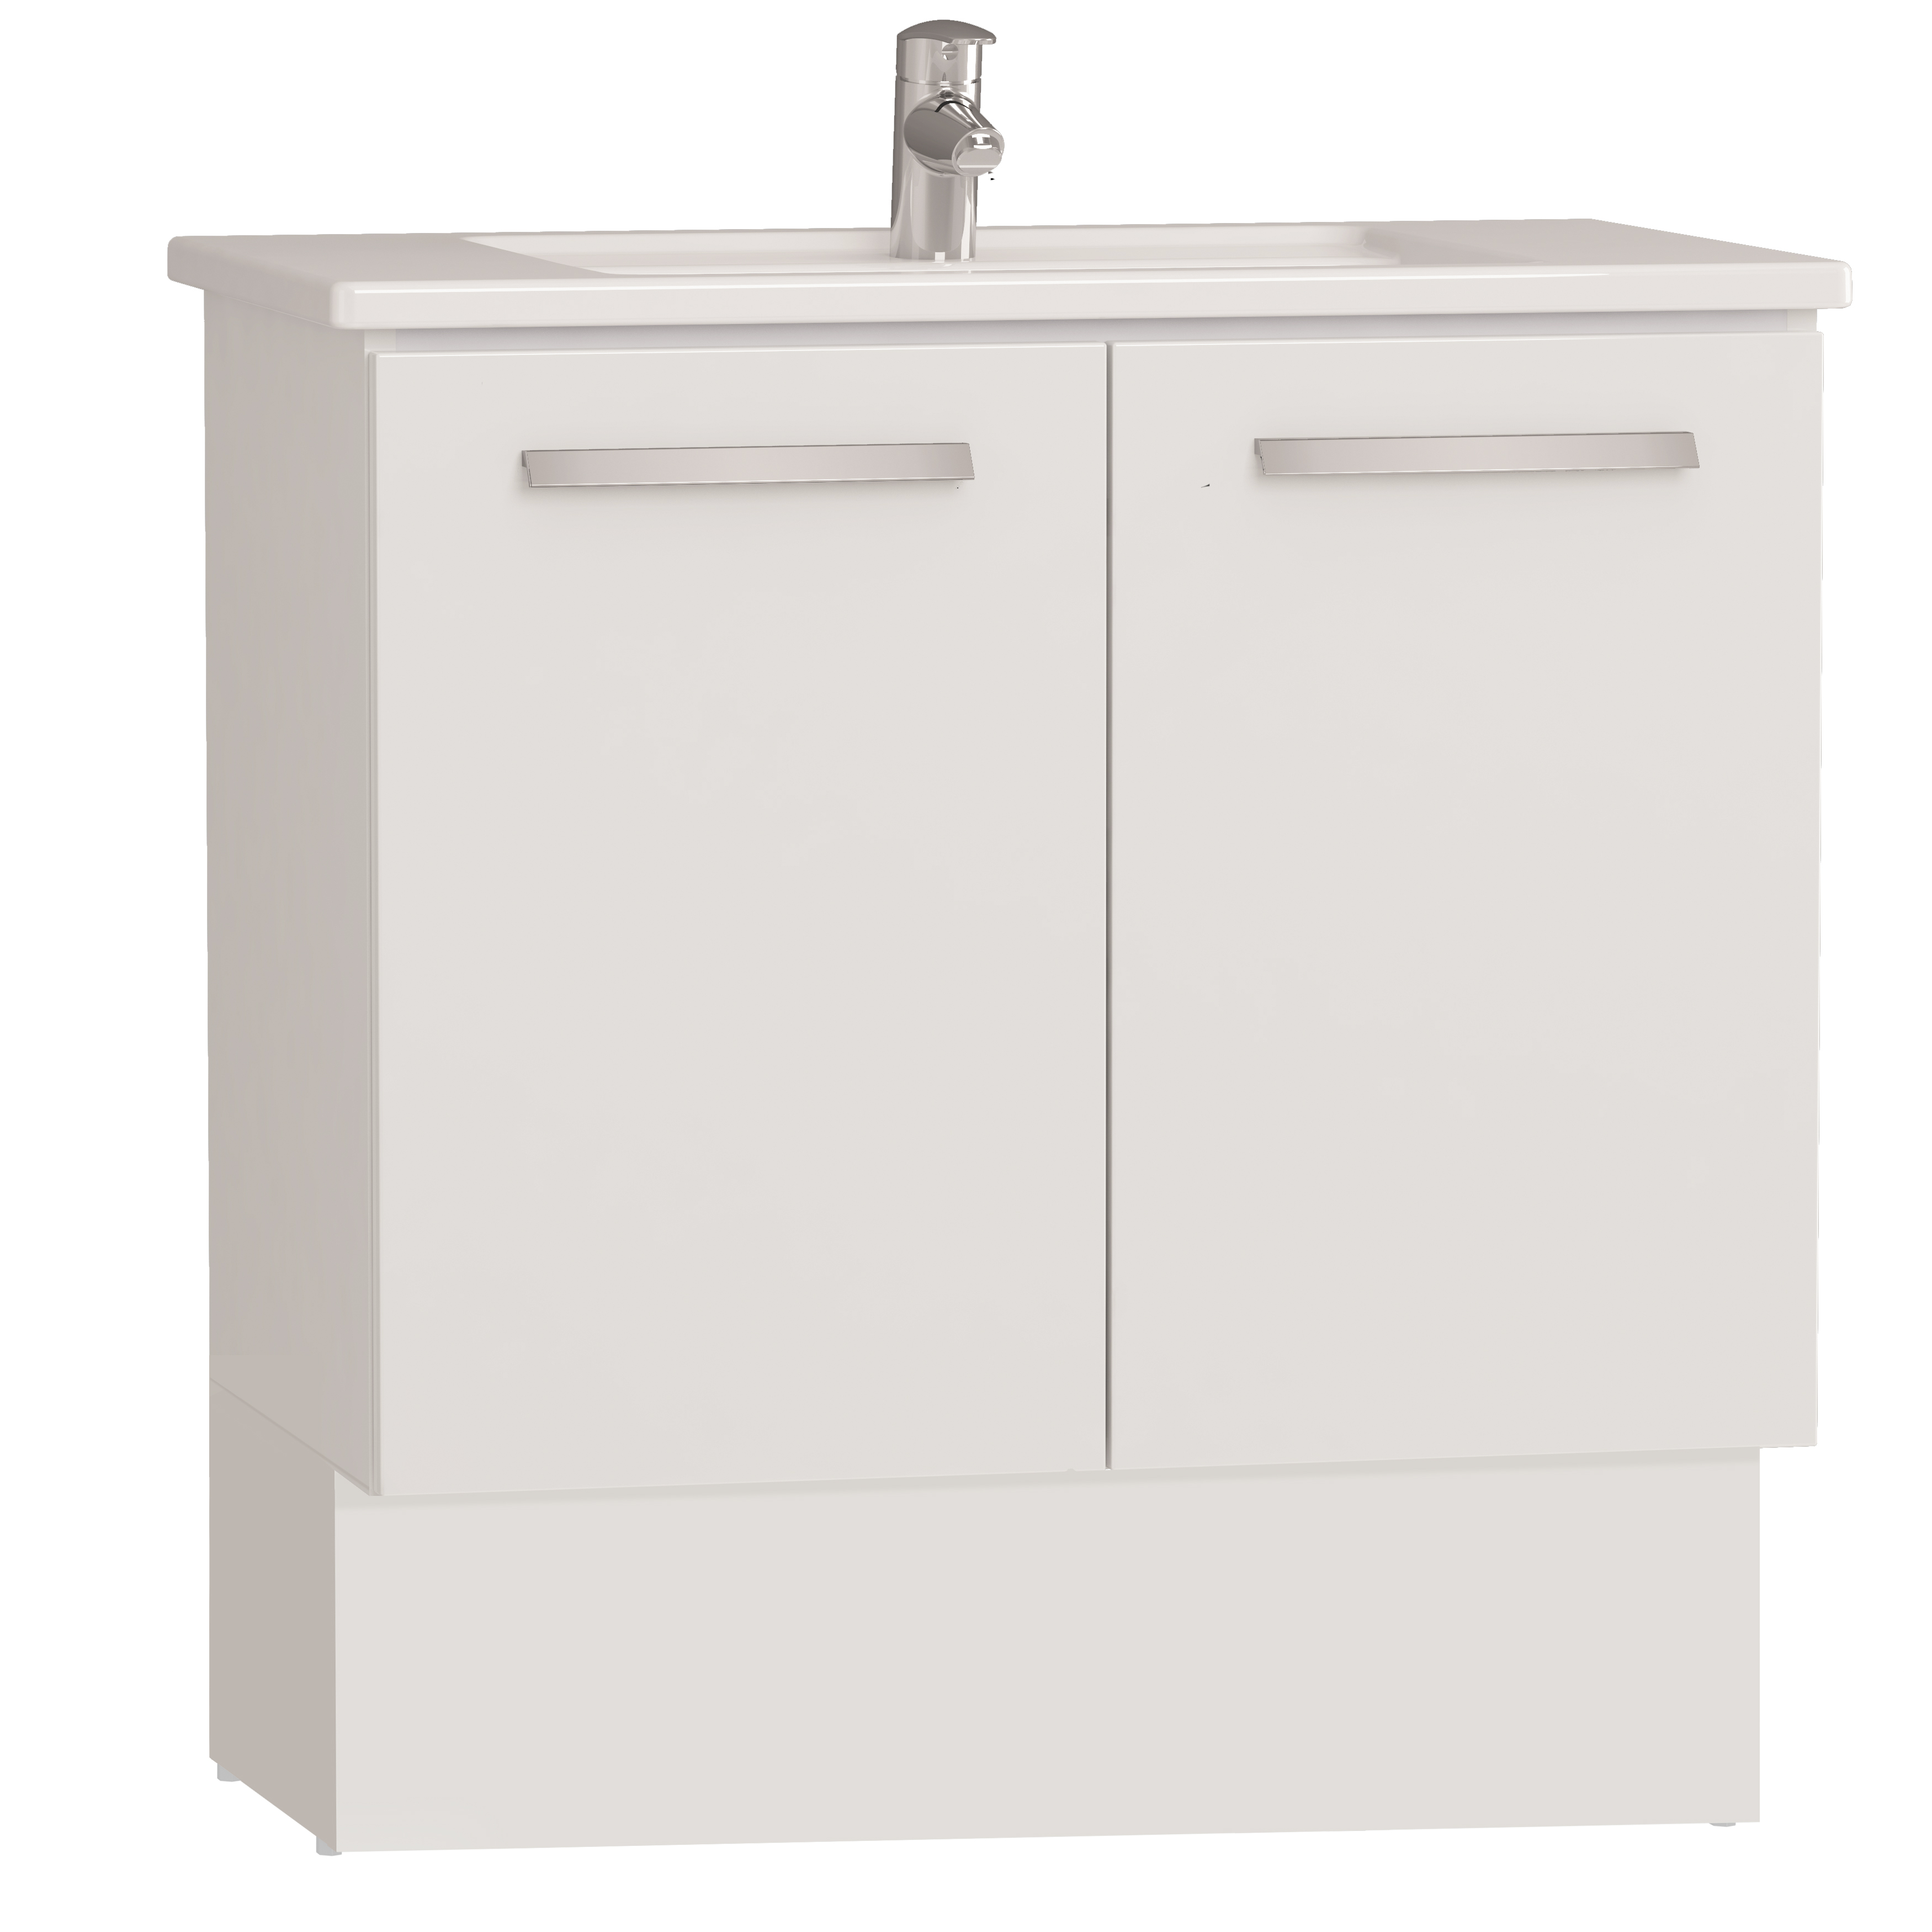 Integra socle pour meuble avec plan céramique & portes, 80 cm, blanc haute brillance